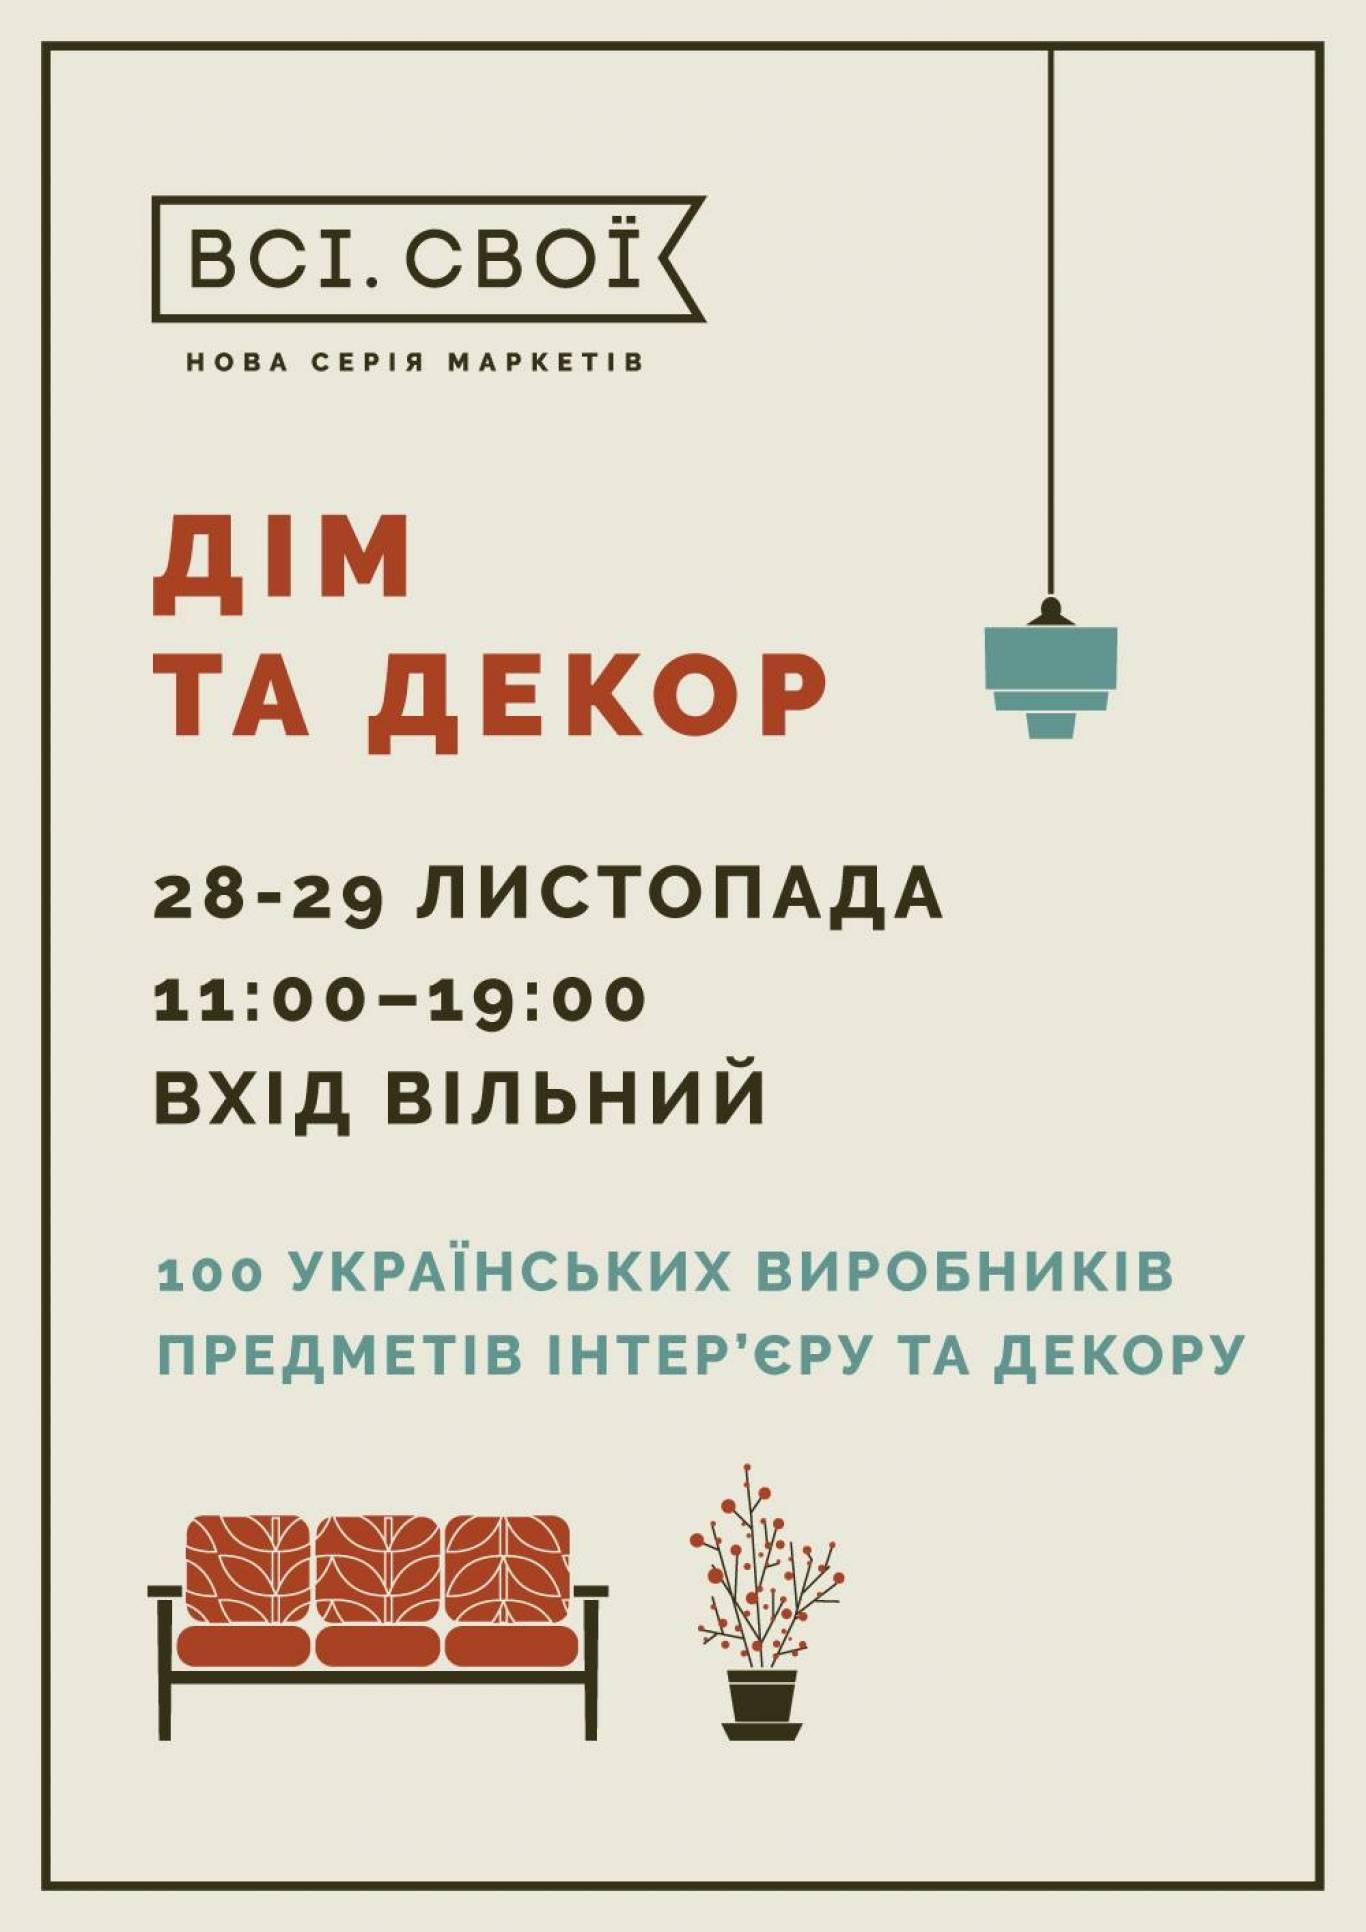 Київський ярмарок «Всі. Свої: дім та декор»